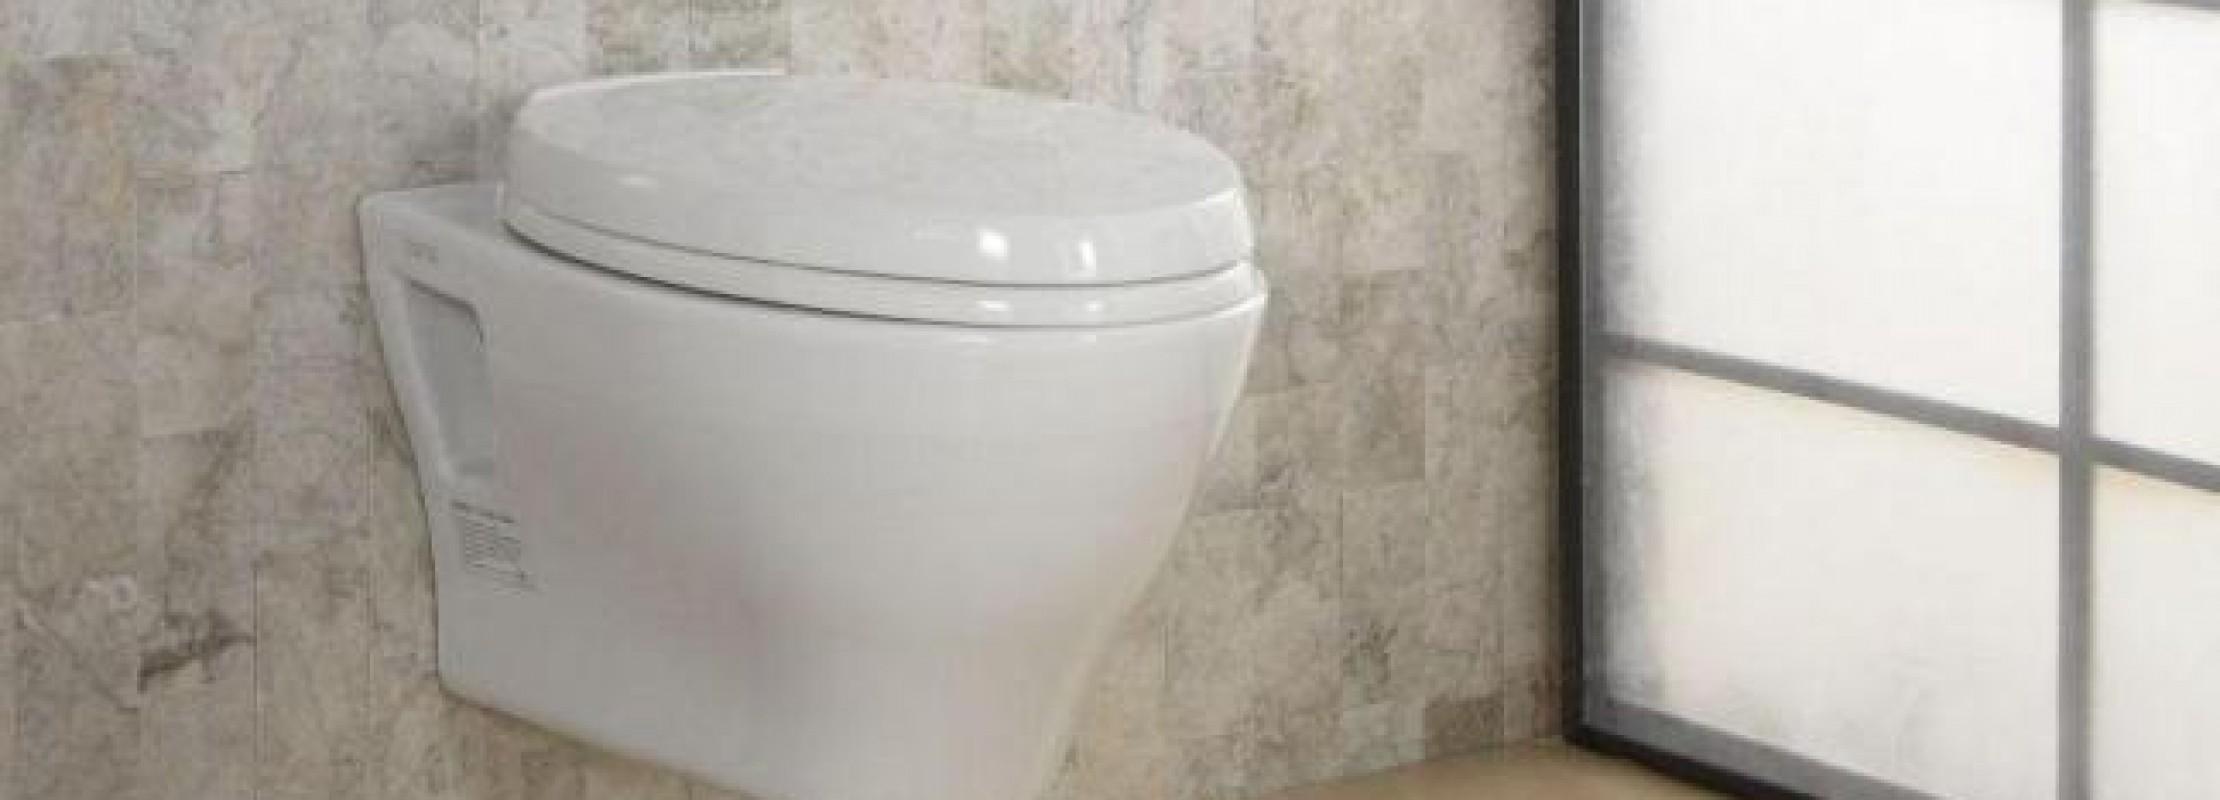 Come scegliere i sanitari da bagno, consigli e prezzi | Blog ...